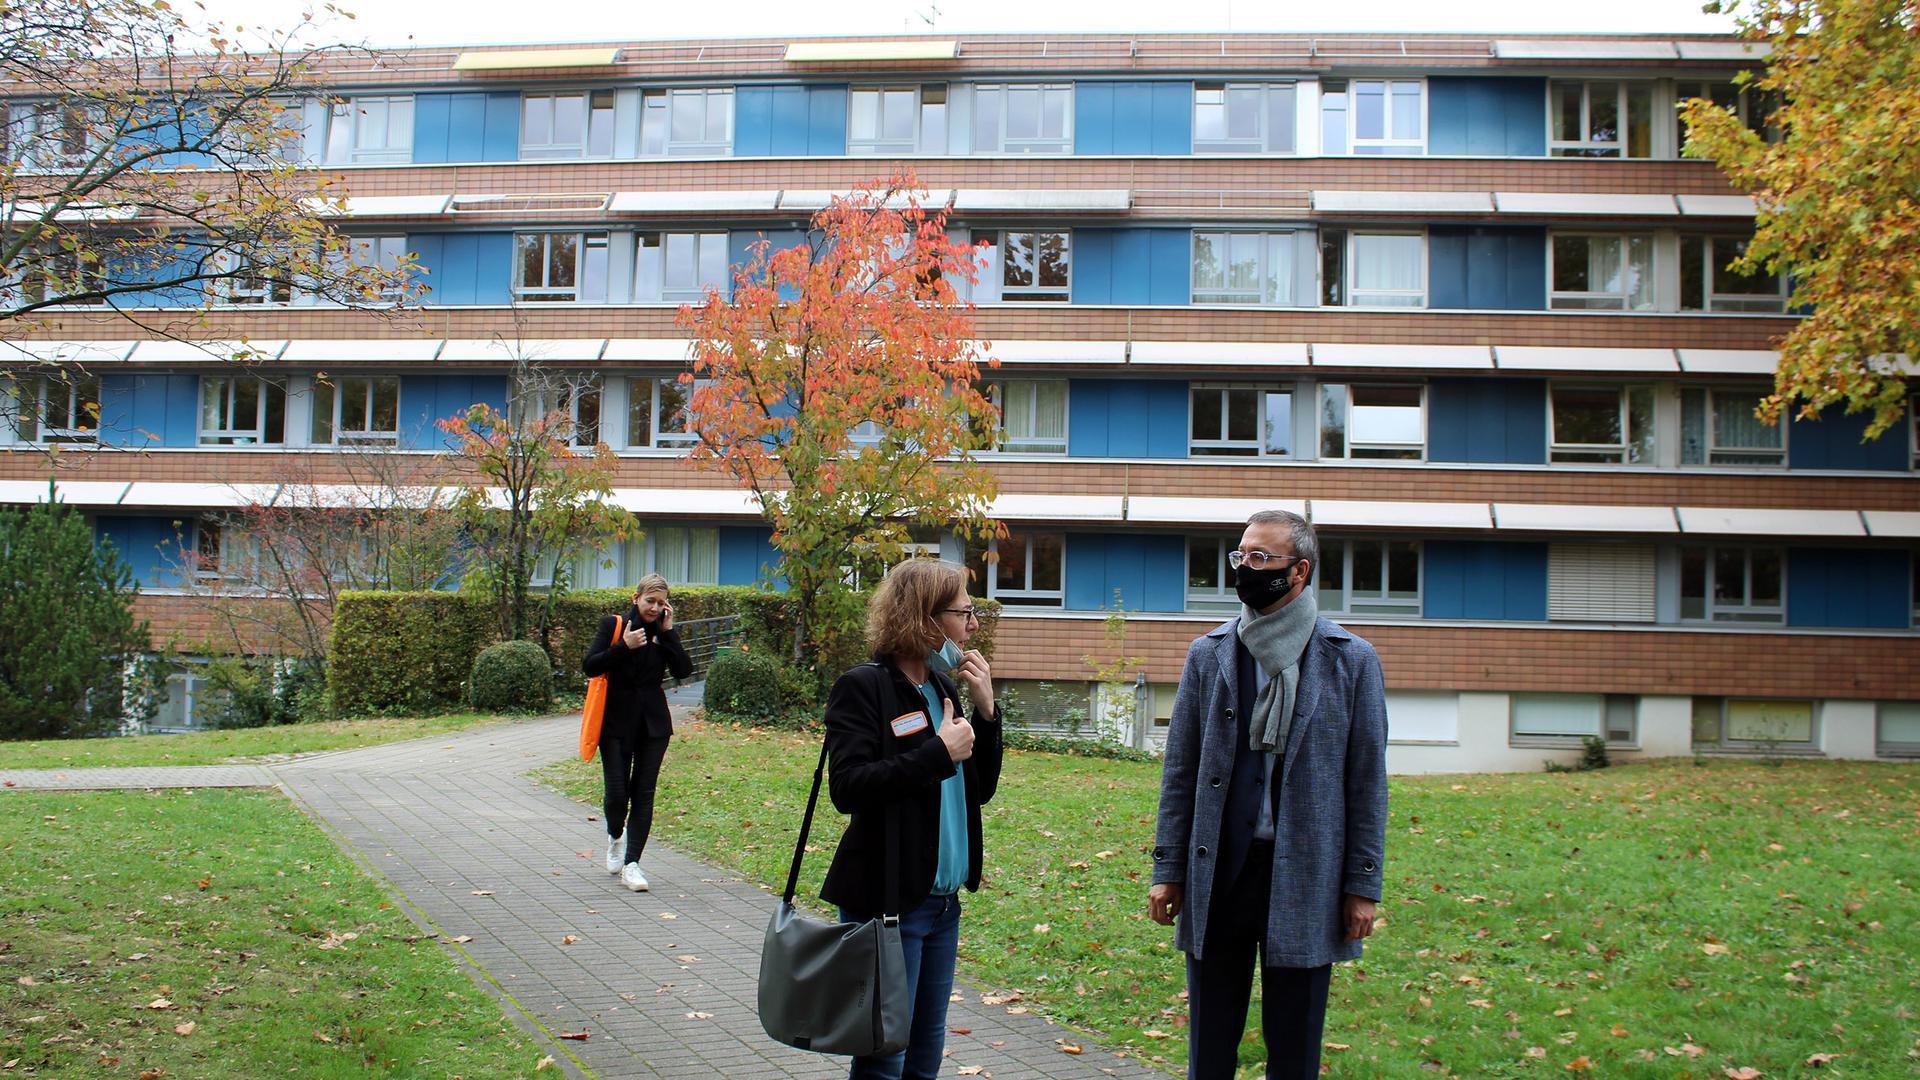 Drei Personen vor einem Gebäude.